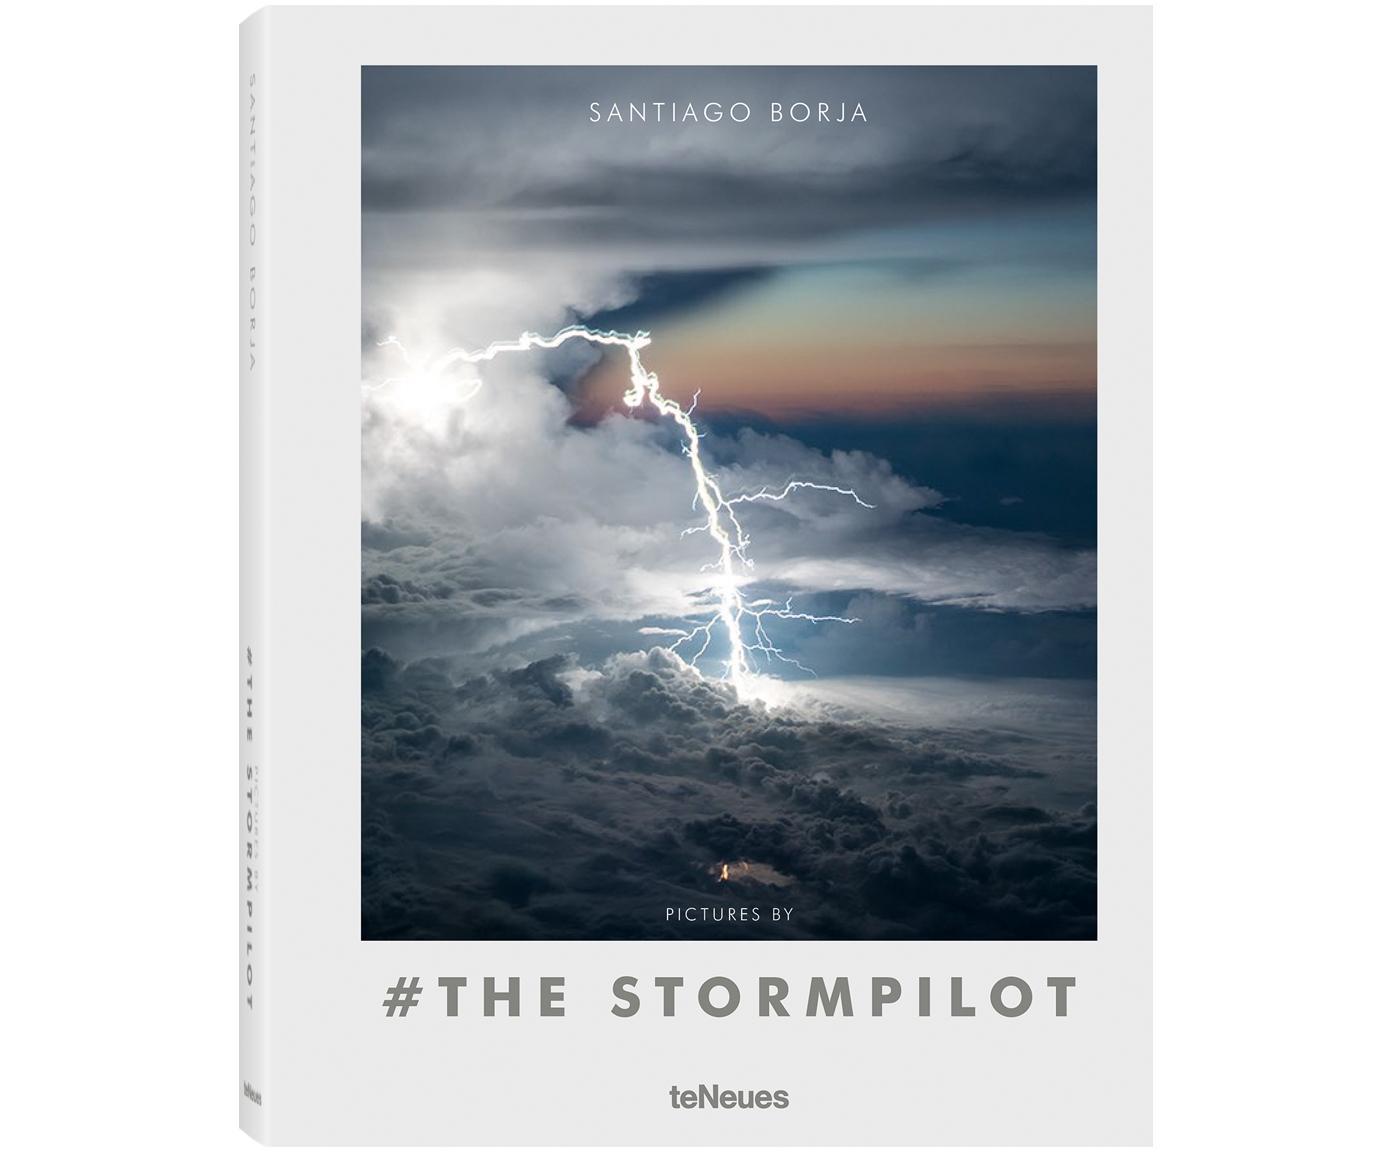 Geïllustreerd boek Pictures By #The Stormpilot, Papier, hardcover, Multicolour, 23 x 29 cm